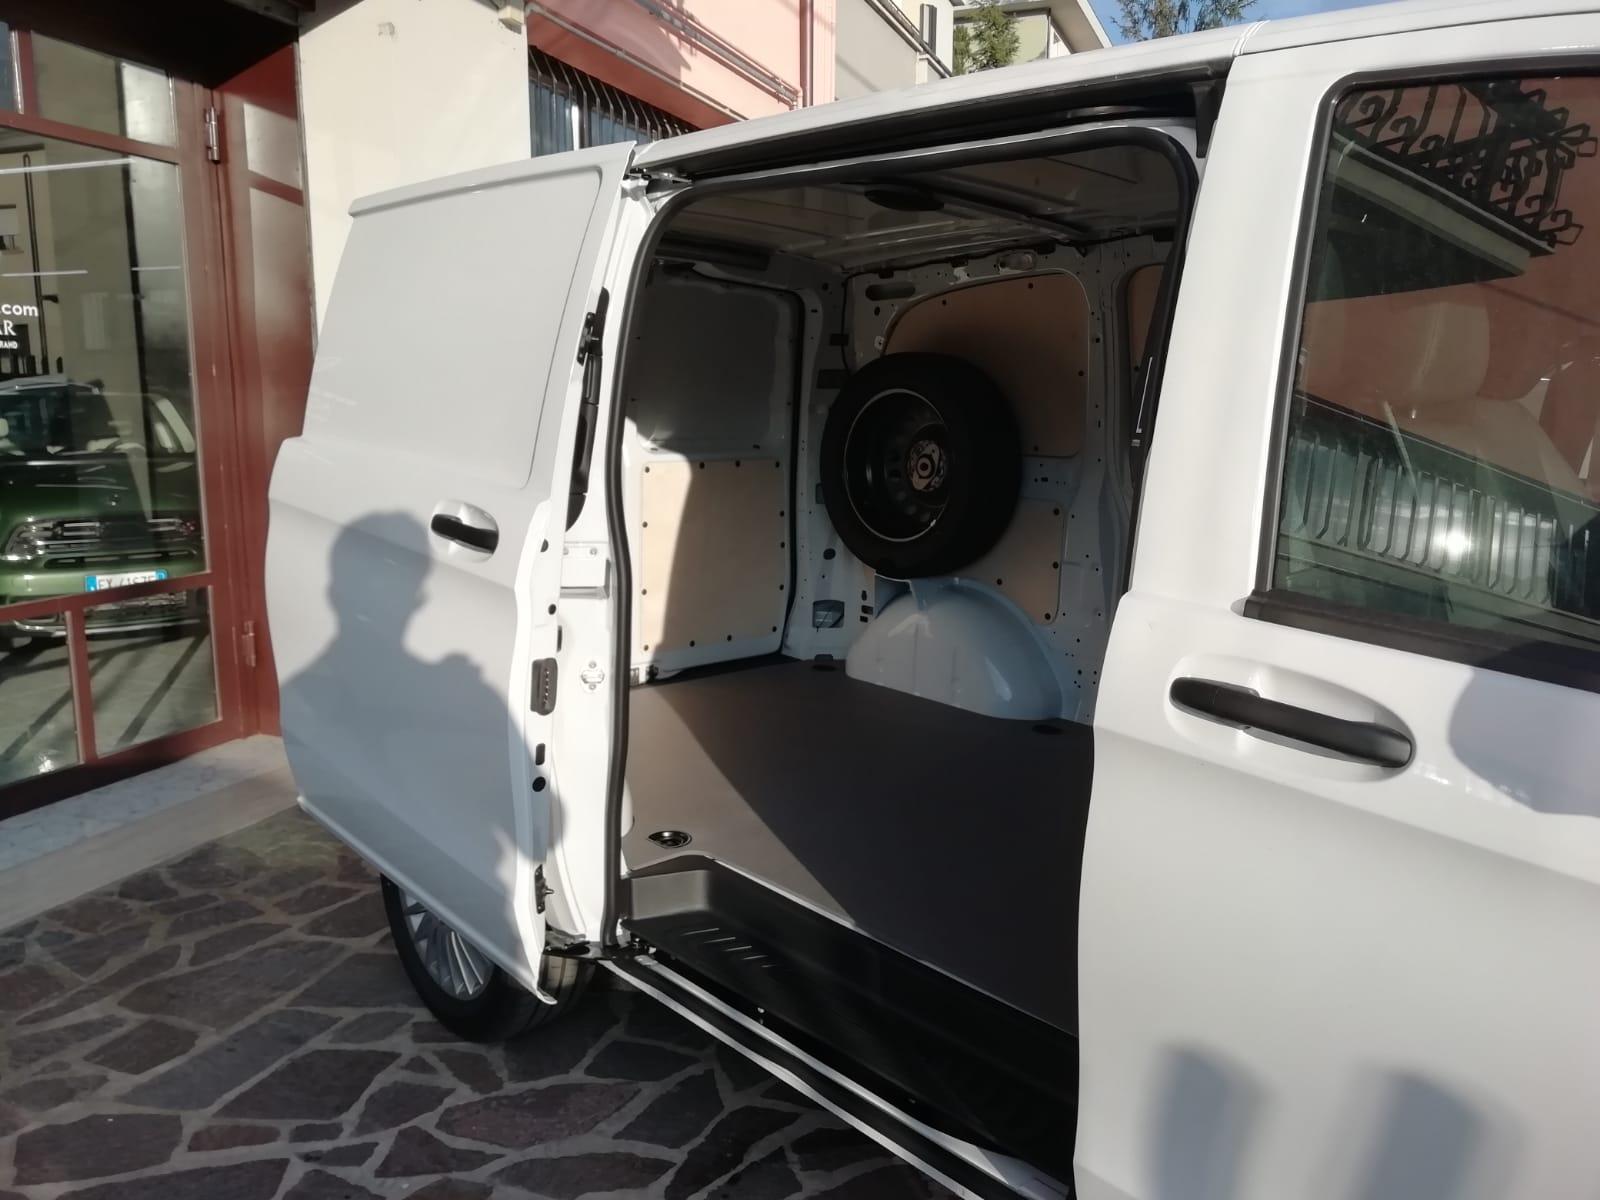 Mercedes Vito 119 CDI furgone Compact